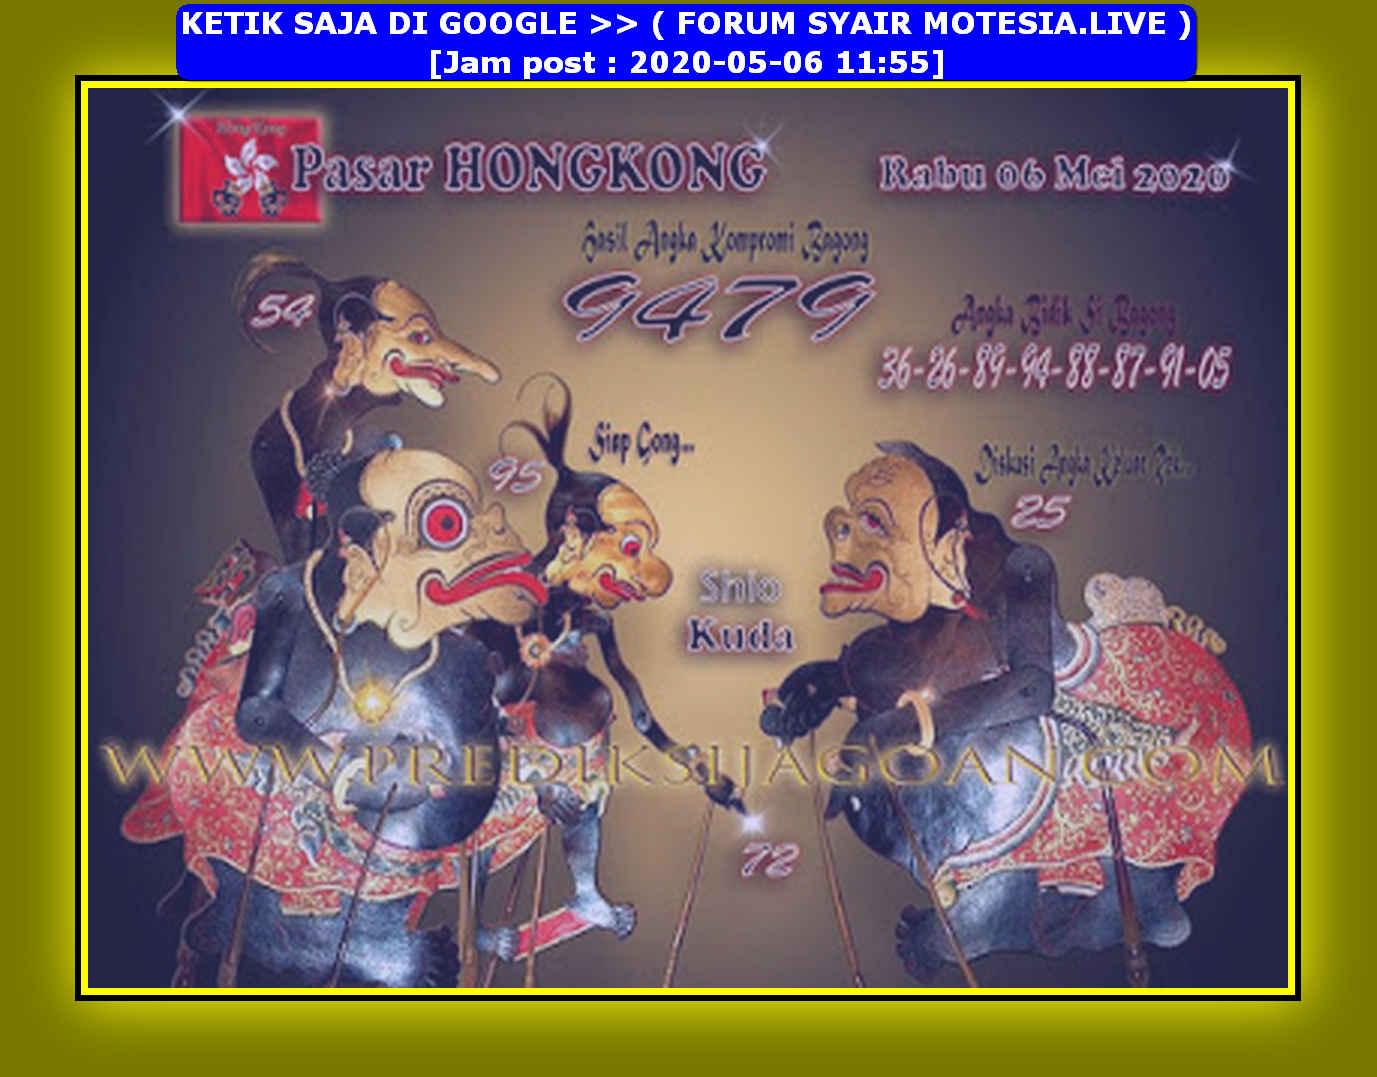 Kode syair Hongkong Rabu 6 Mei 2020 169